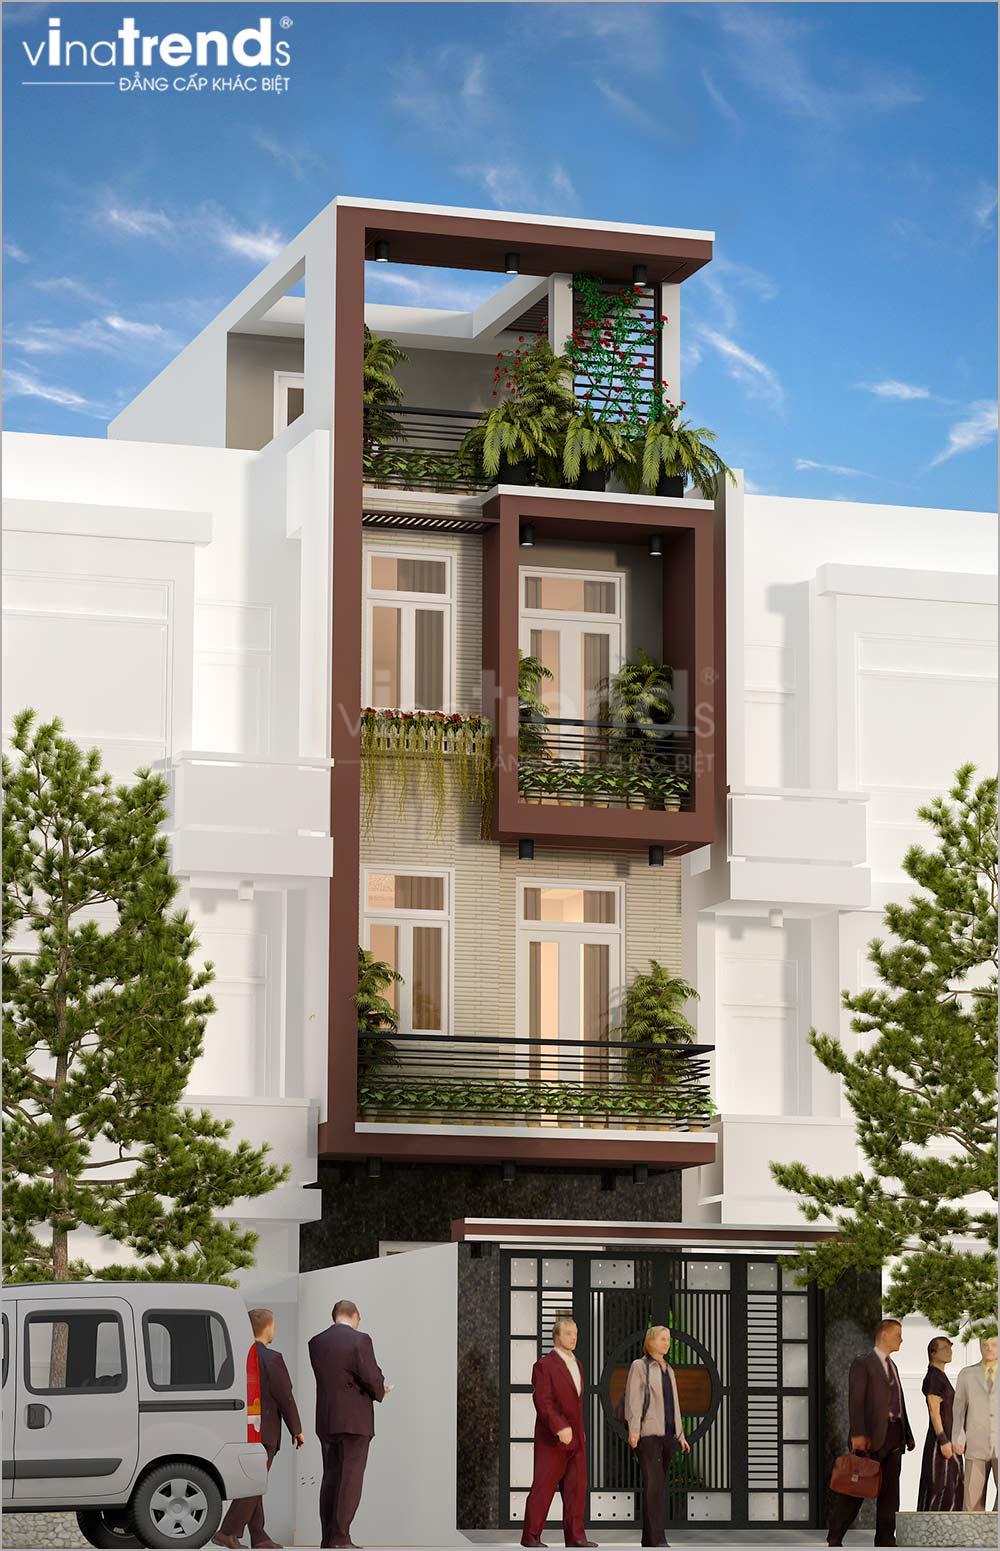 mau nha ong mat tien 5m 4 tang hien dai dep nhat hien nay 3 Mẫu nhà phố mặt tiền 4m 4 tầng dài 12m cả nội thất hiện đại ở Gò Vấp   Hồ Chí Minh